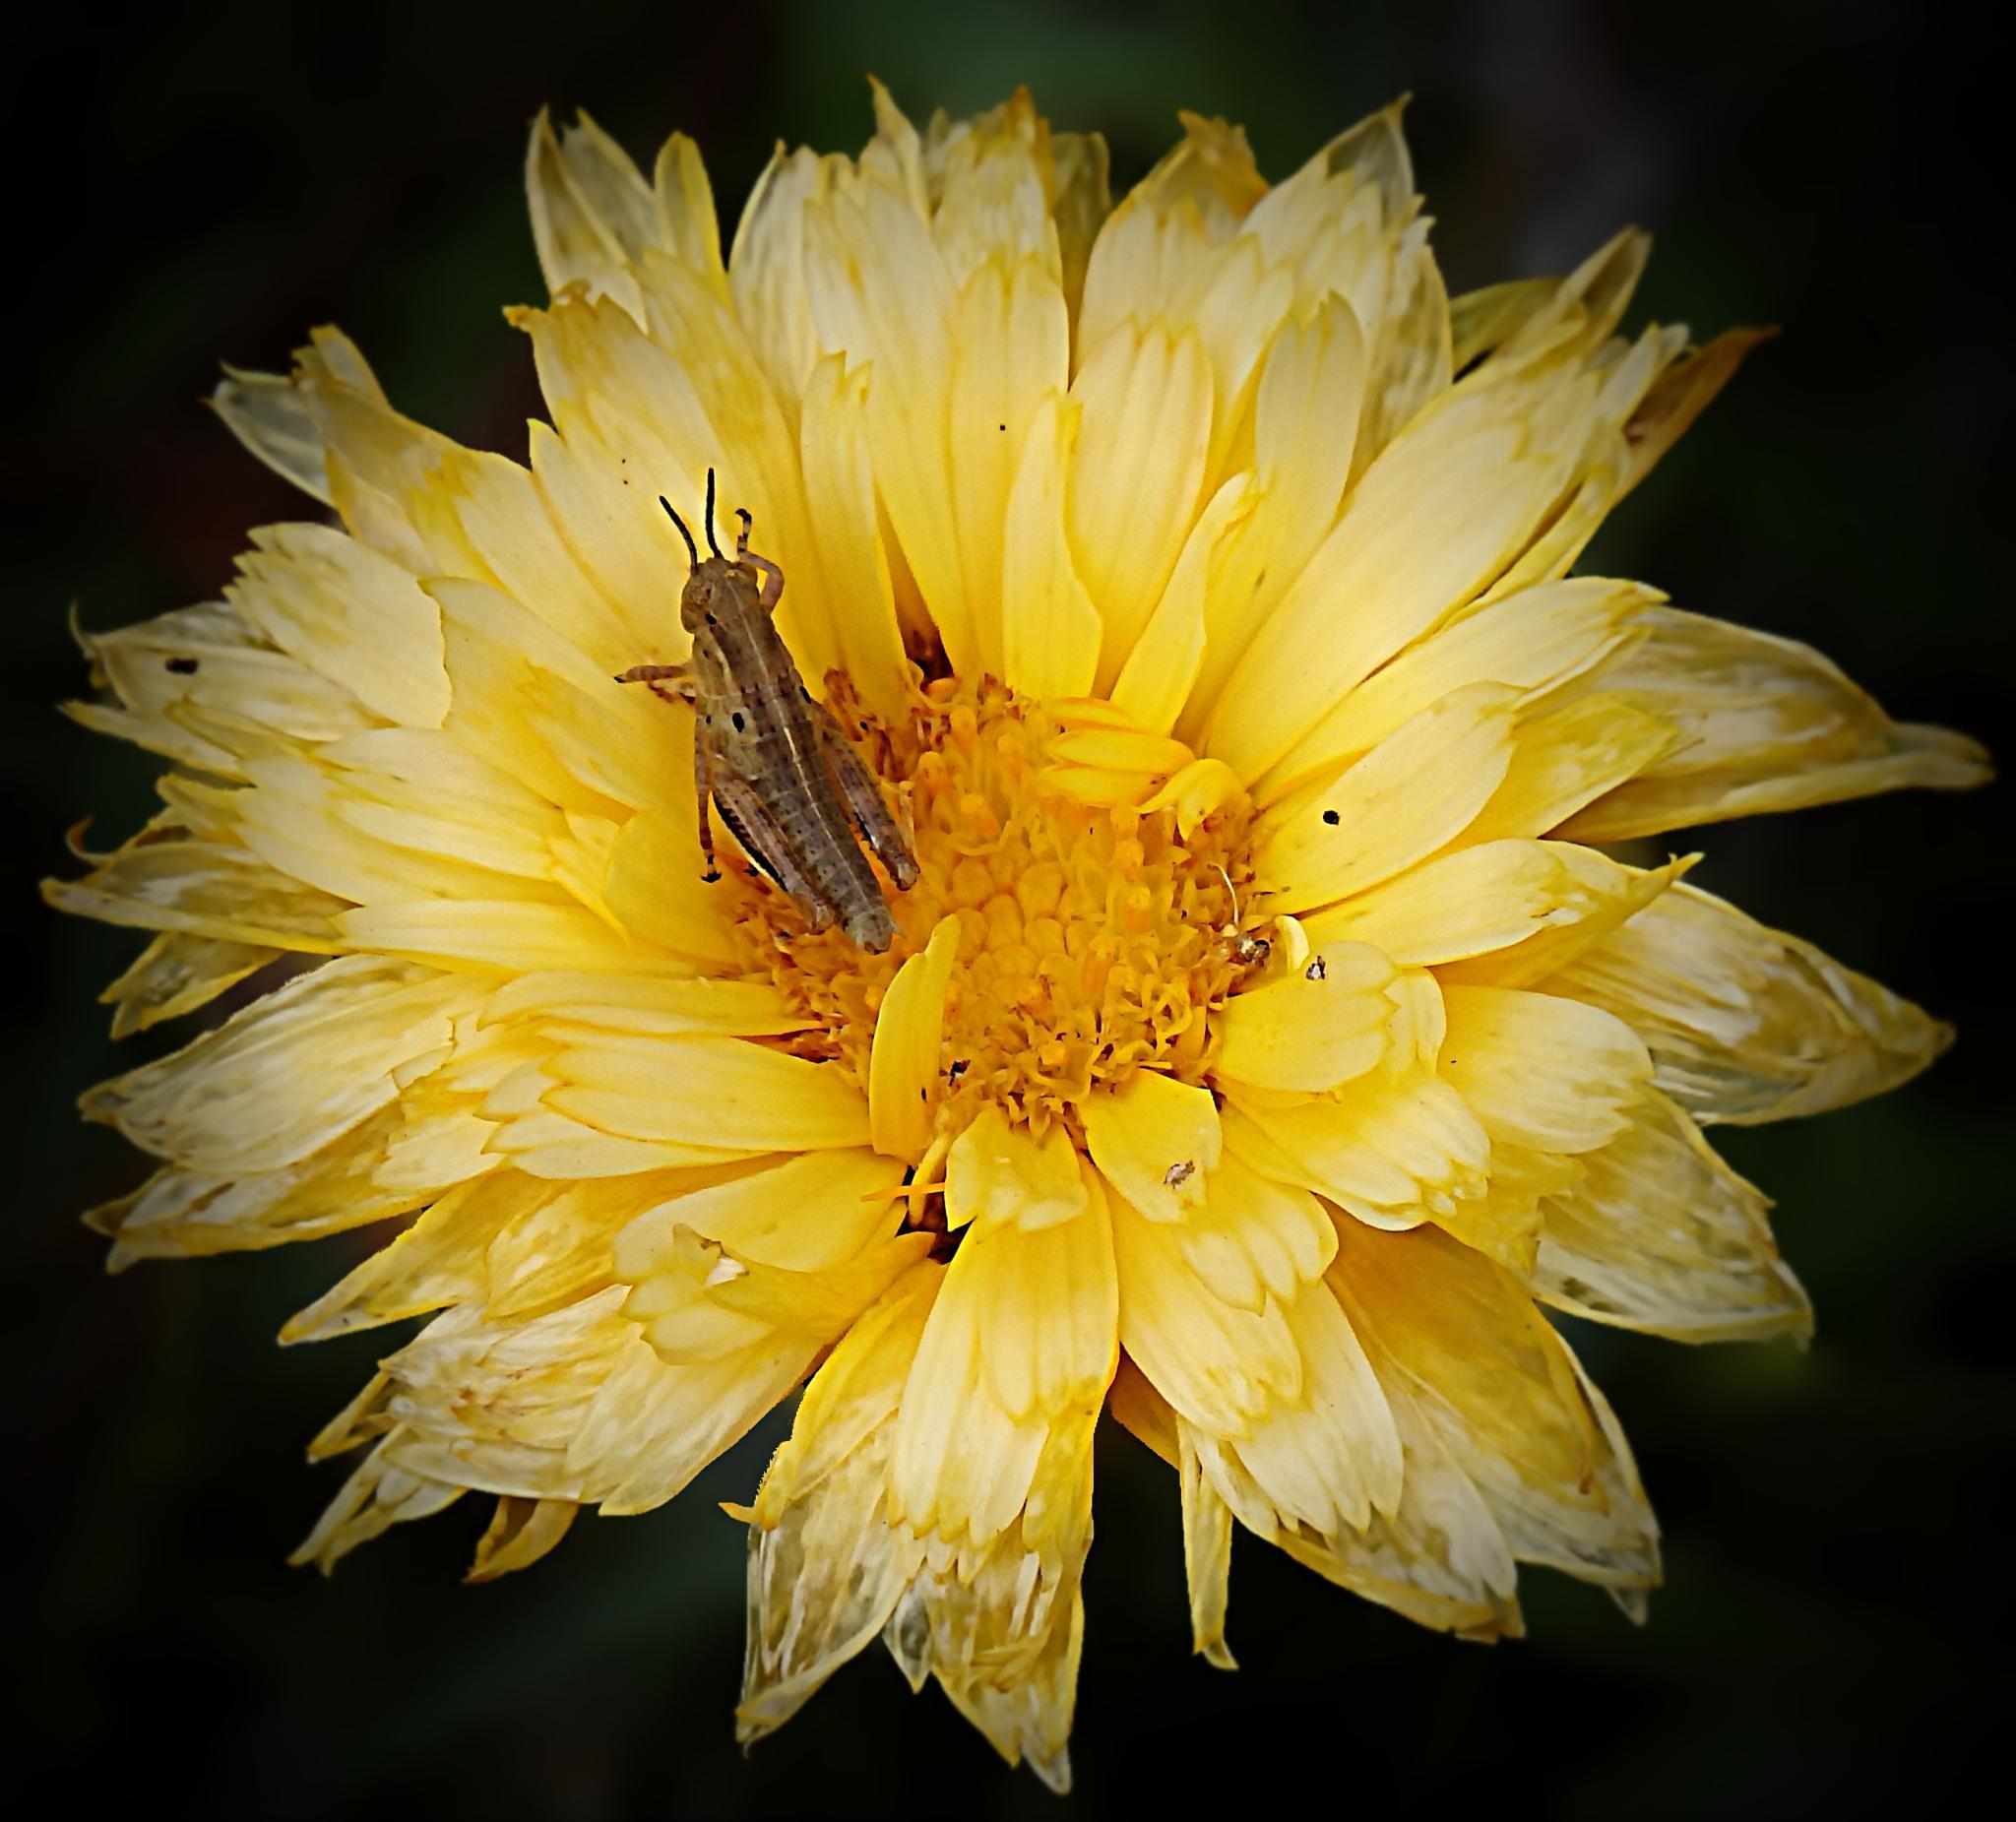 Grasshopper On Wilting Flower by Darlene Eastin